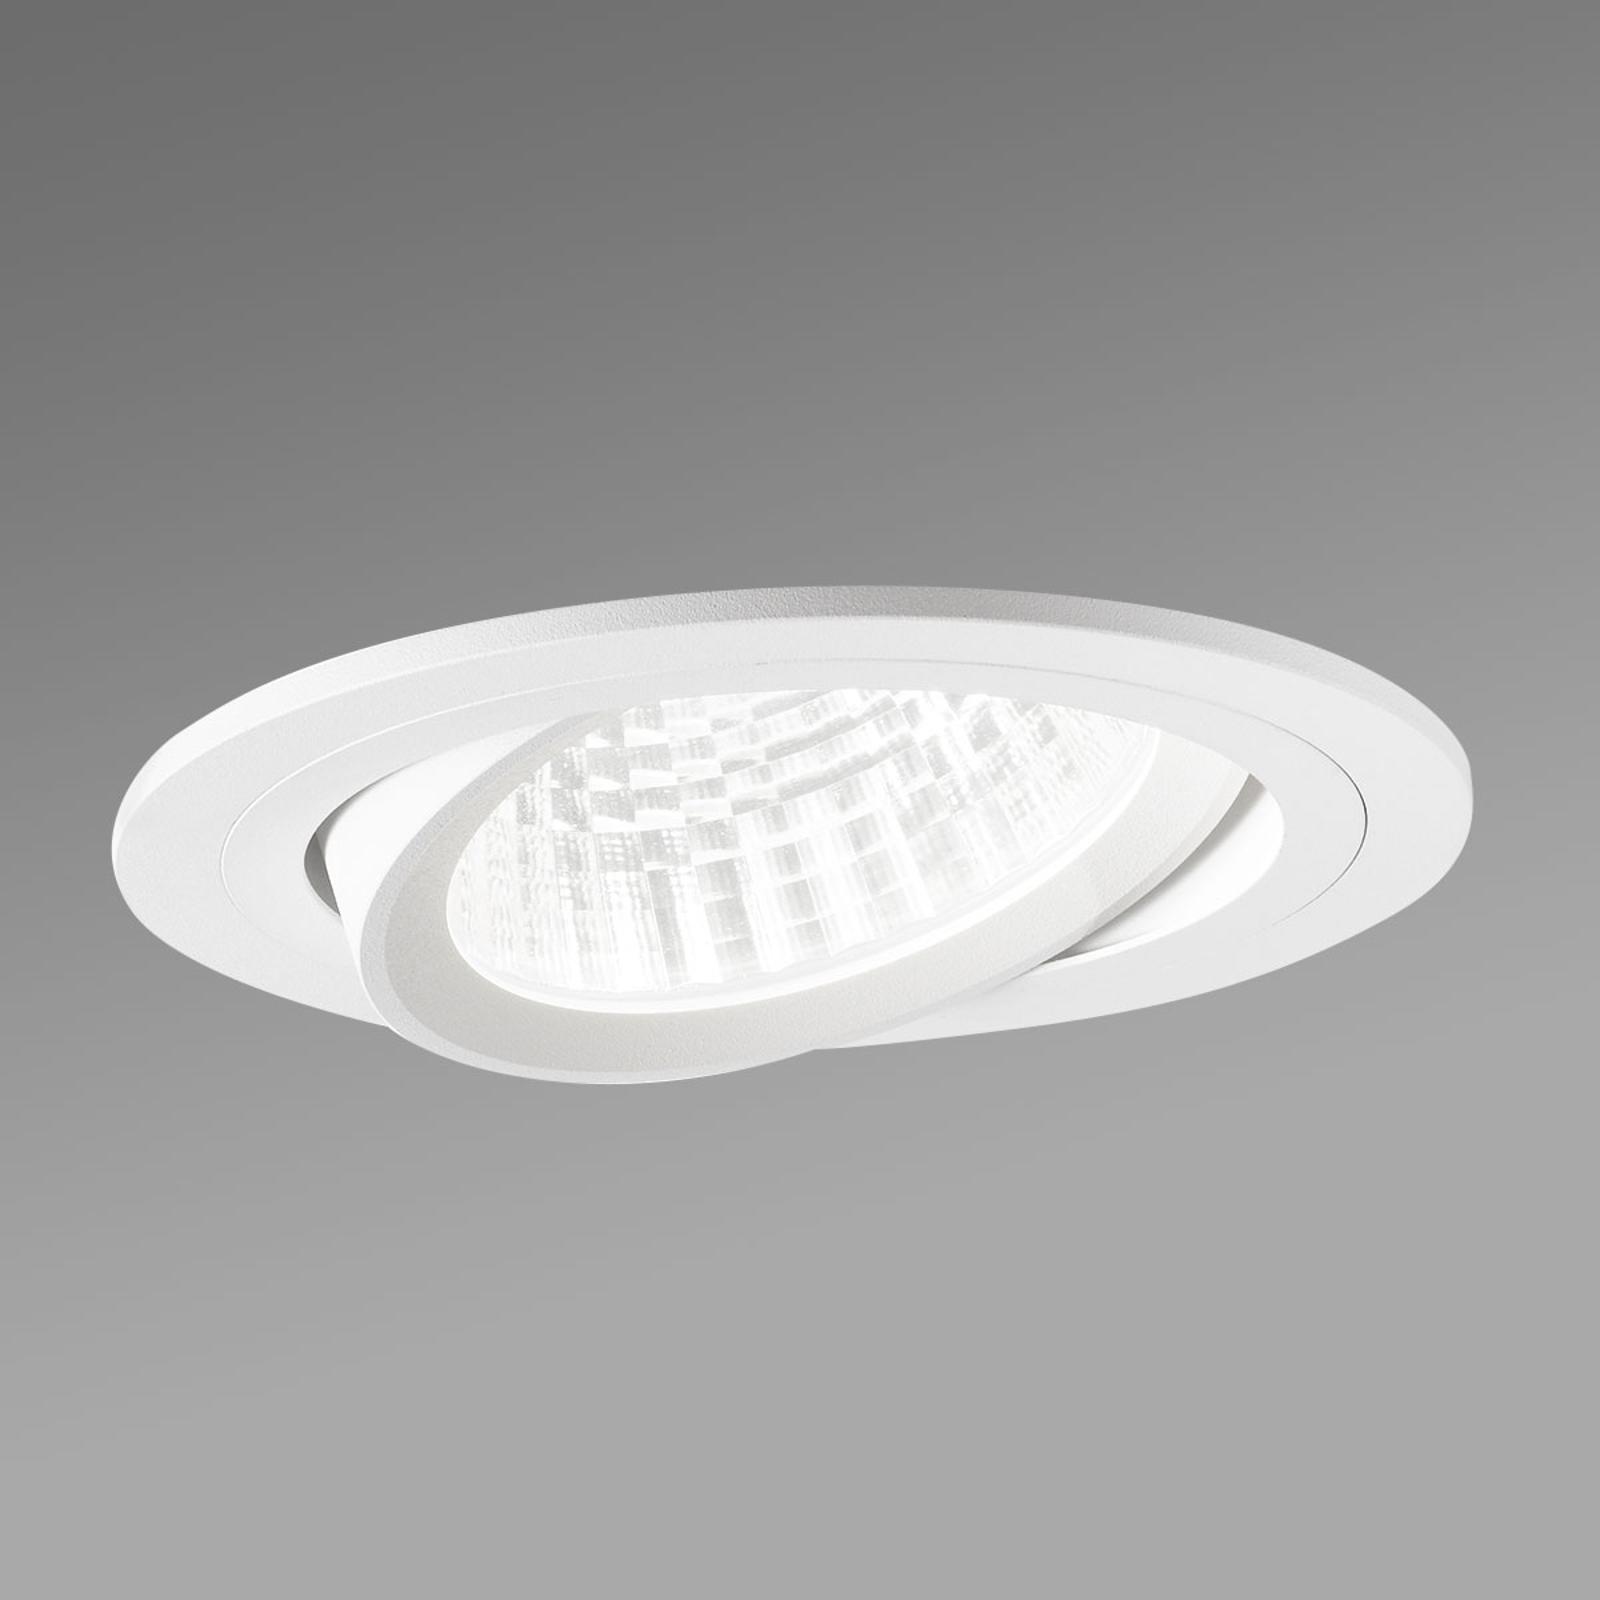 LED inbouwspot Varo, 2 x 20° gezwenkt